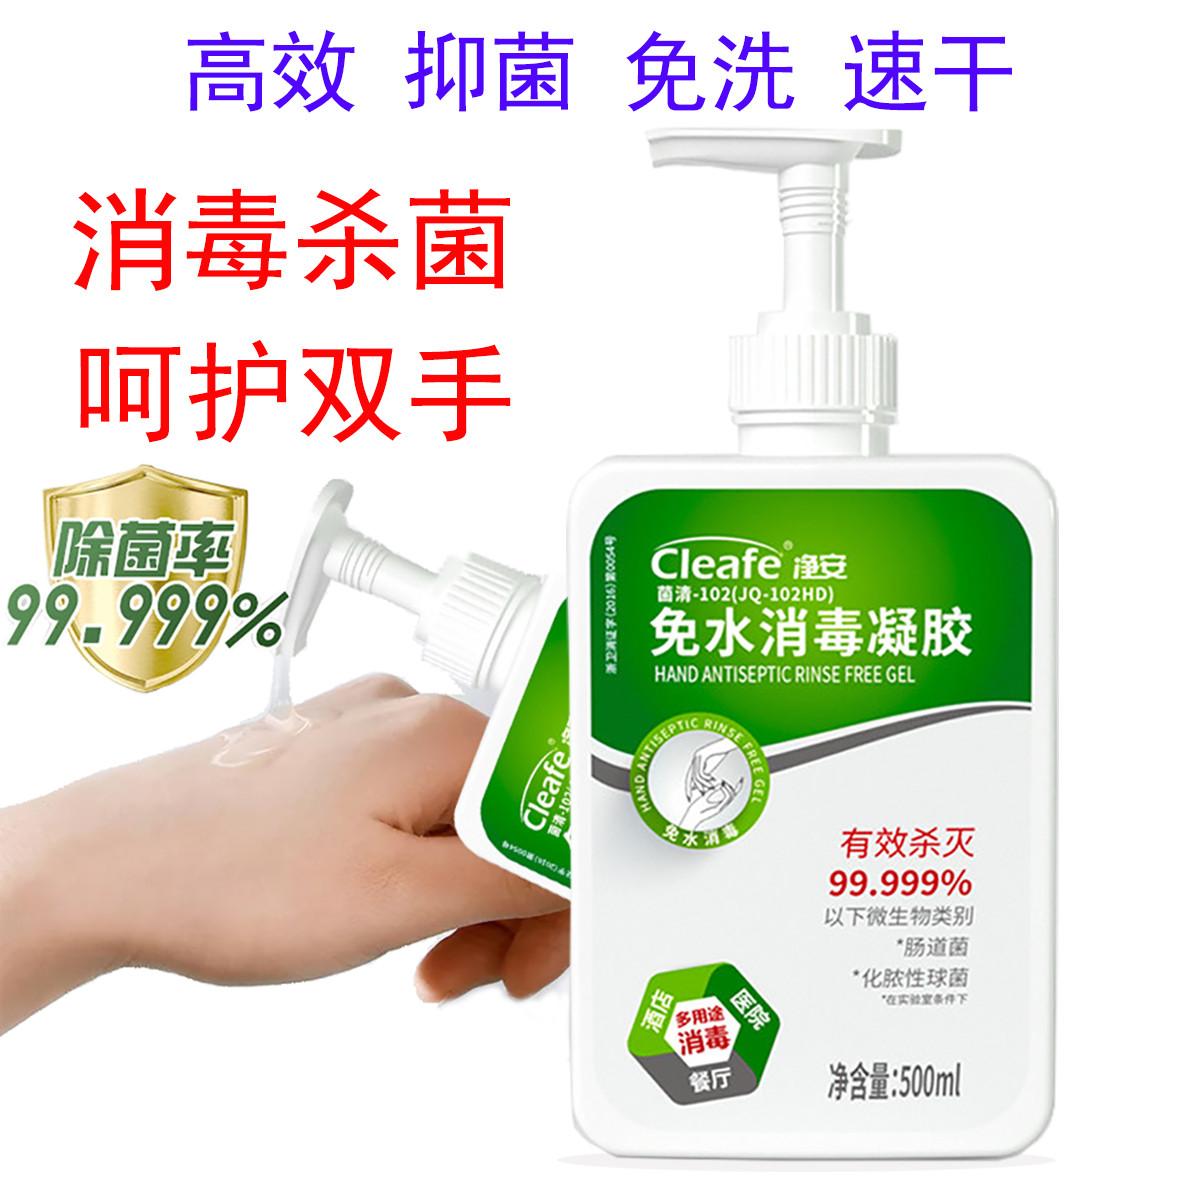 净安 消毒凝胶免洗洗手液速干便携式抑**儿童学生家用杀菌率99.999%